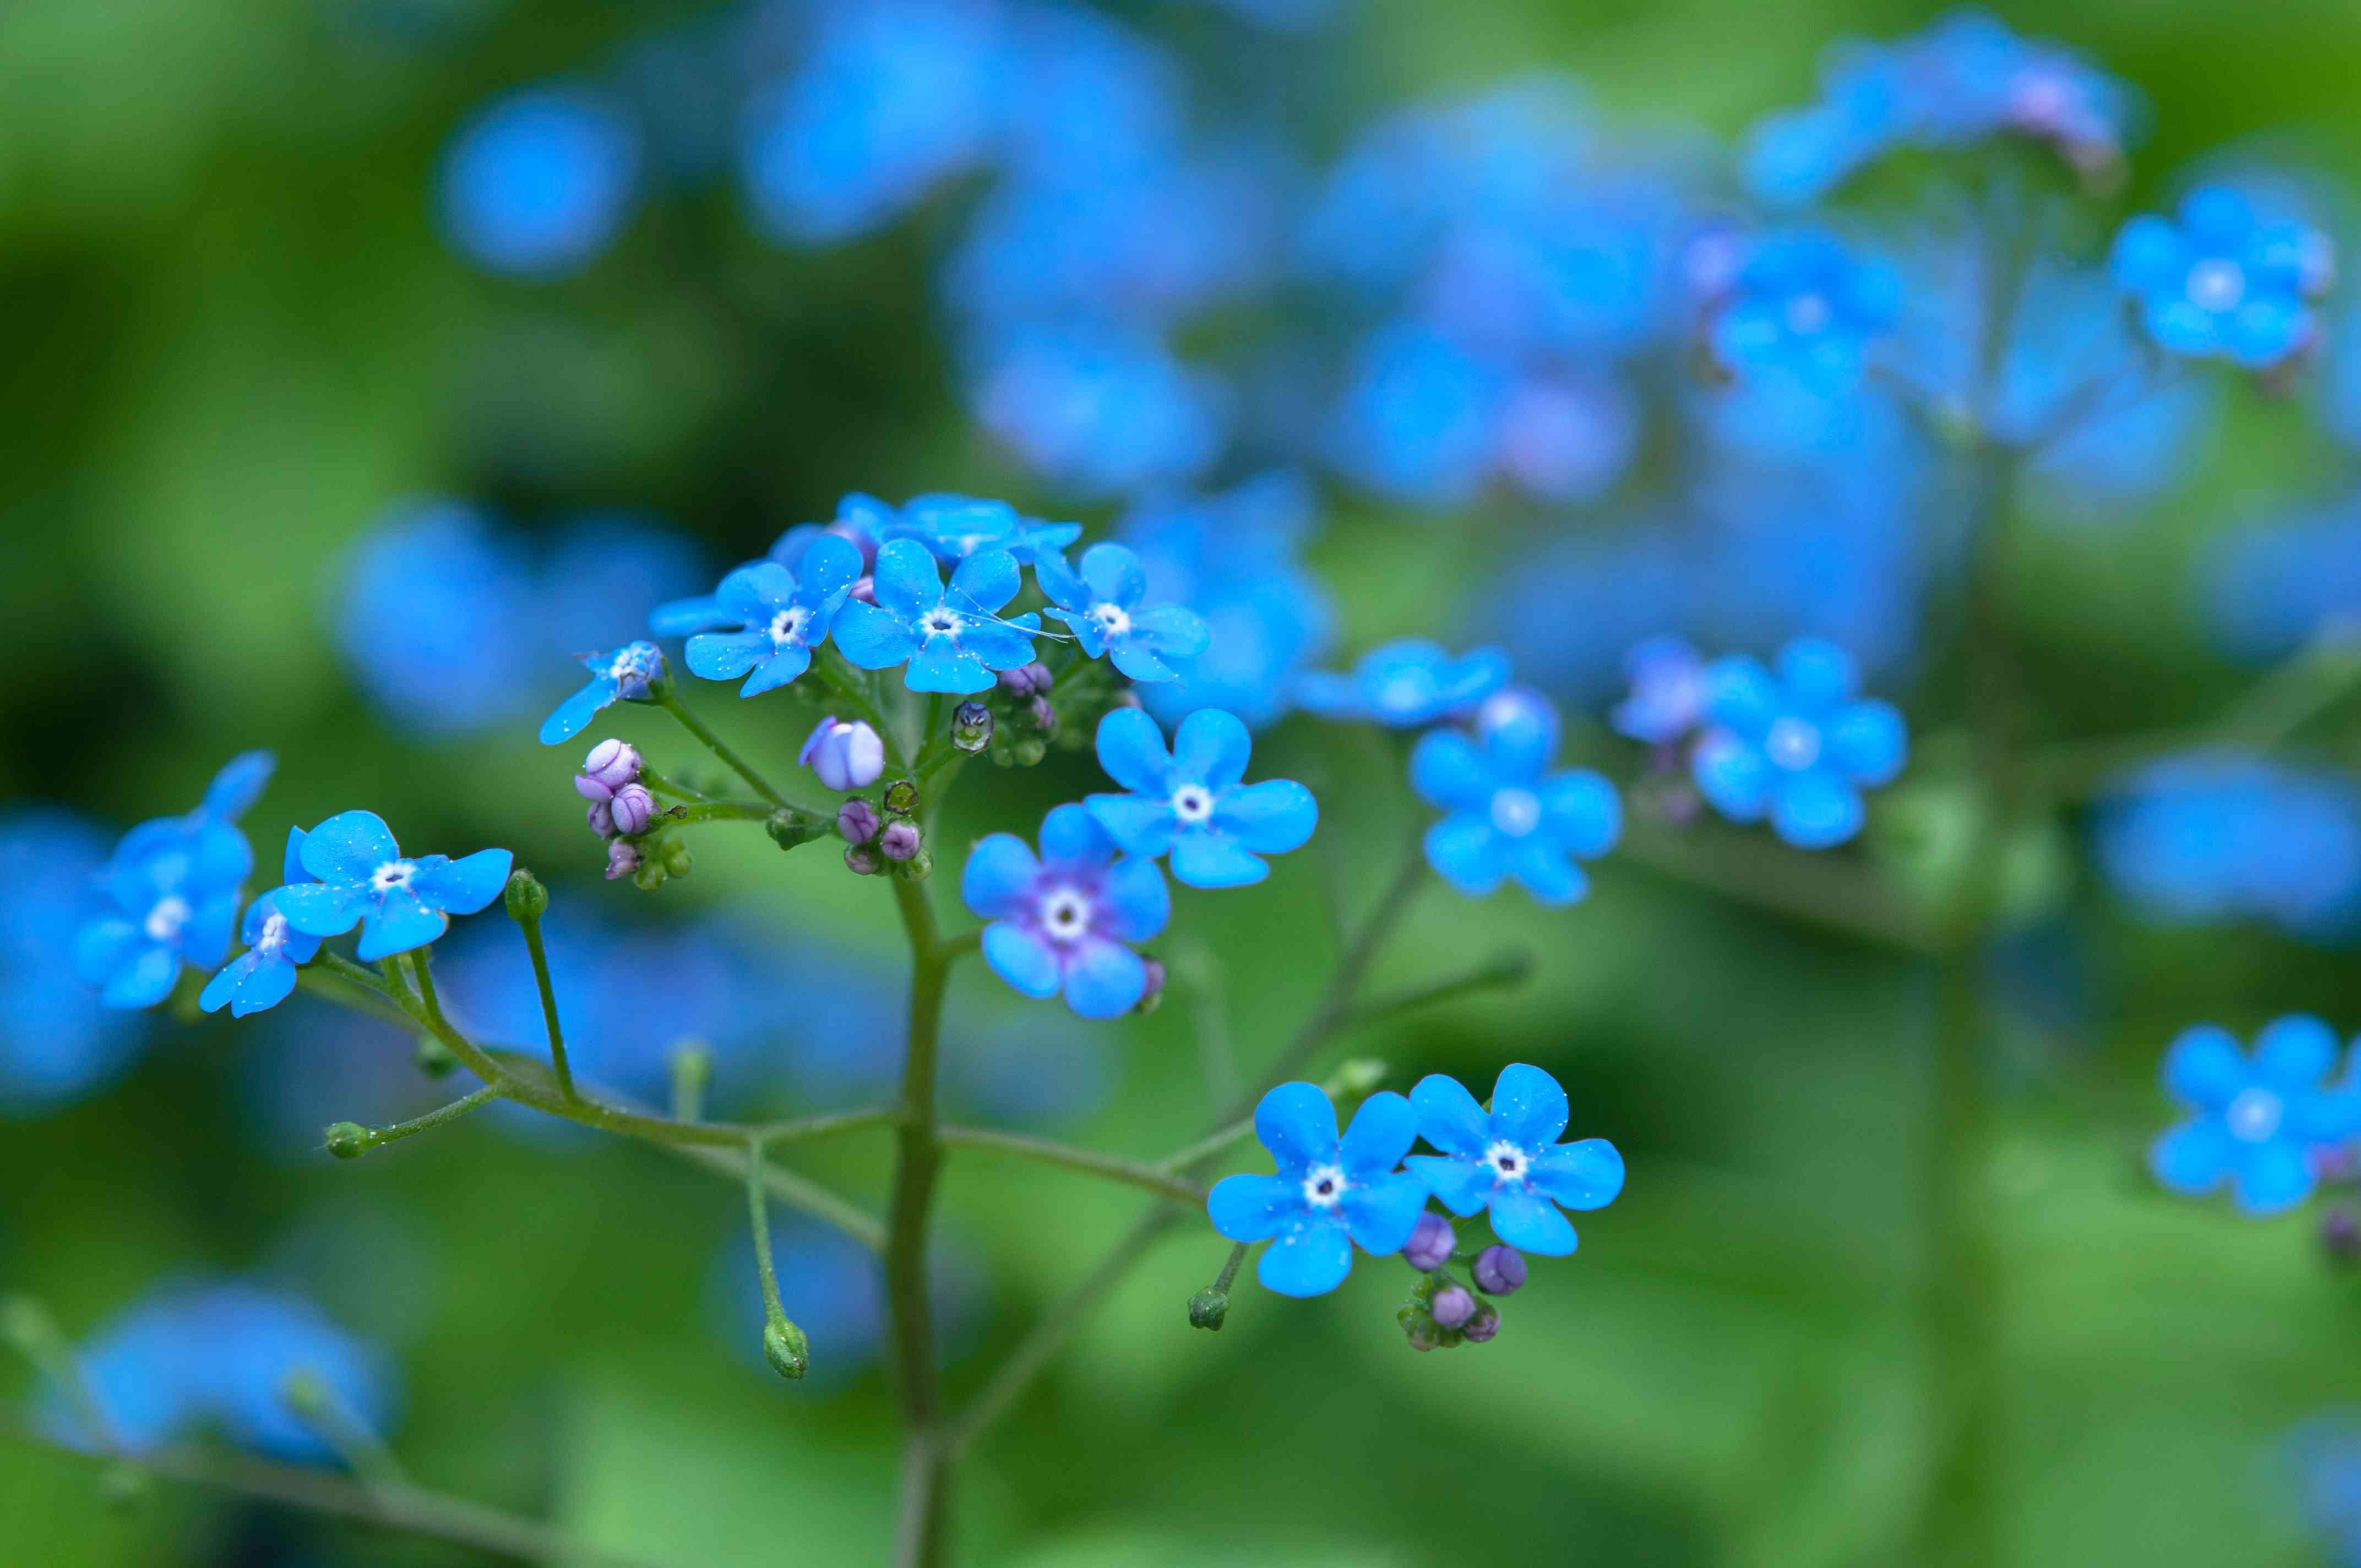 closeup of brunnera flowers